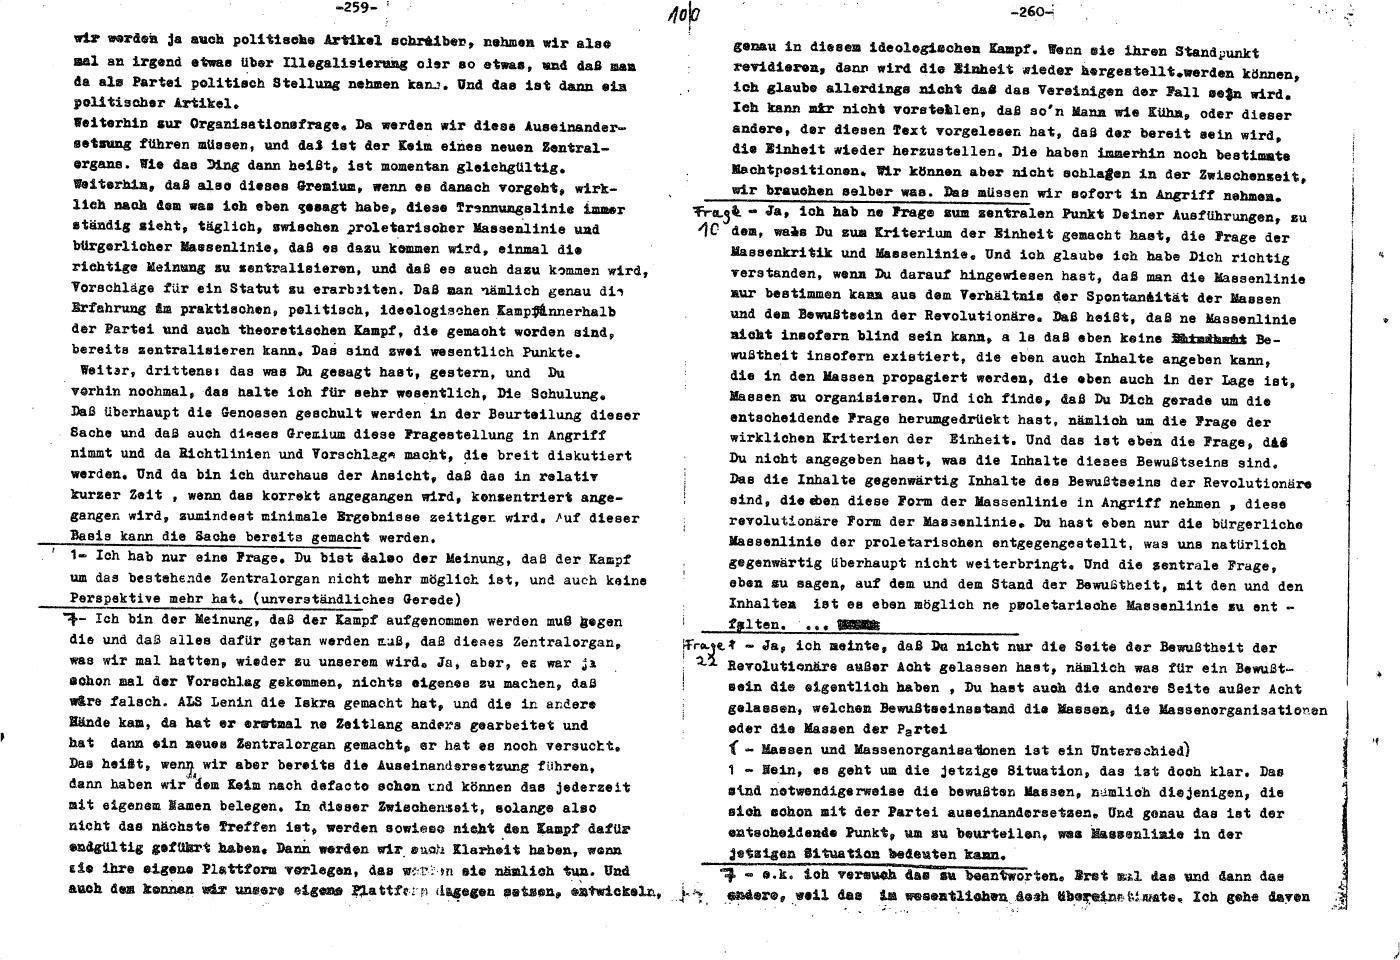 KPDML_1971_Wortprotokolle_aoPt_054